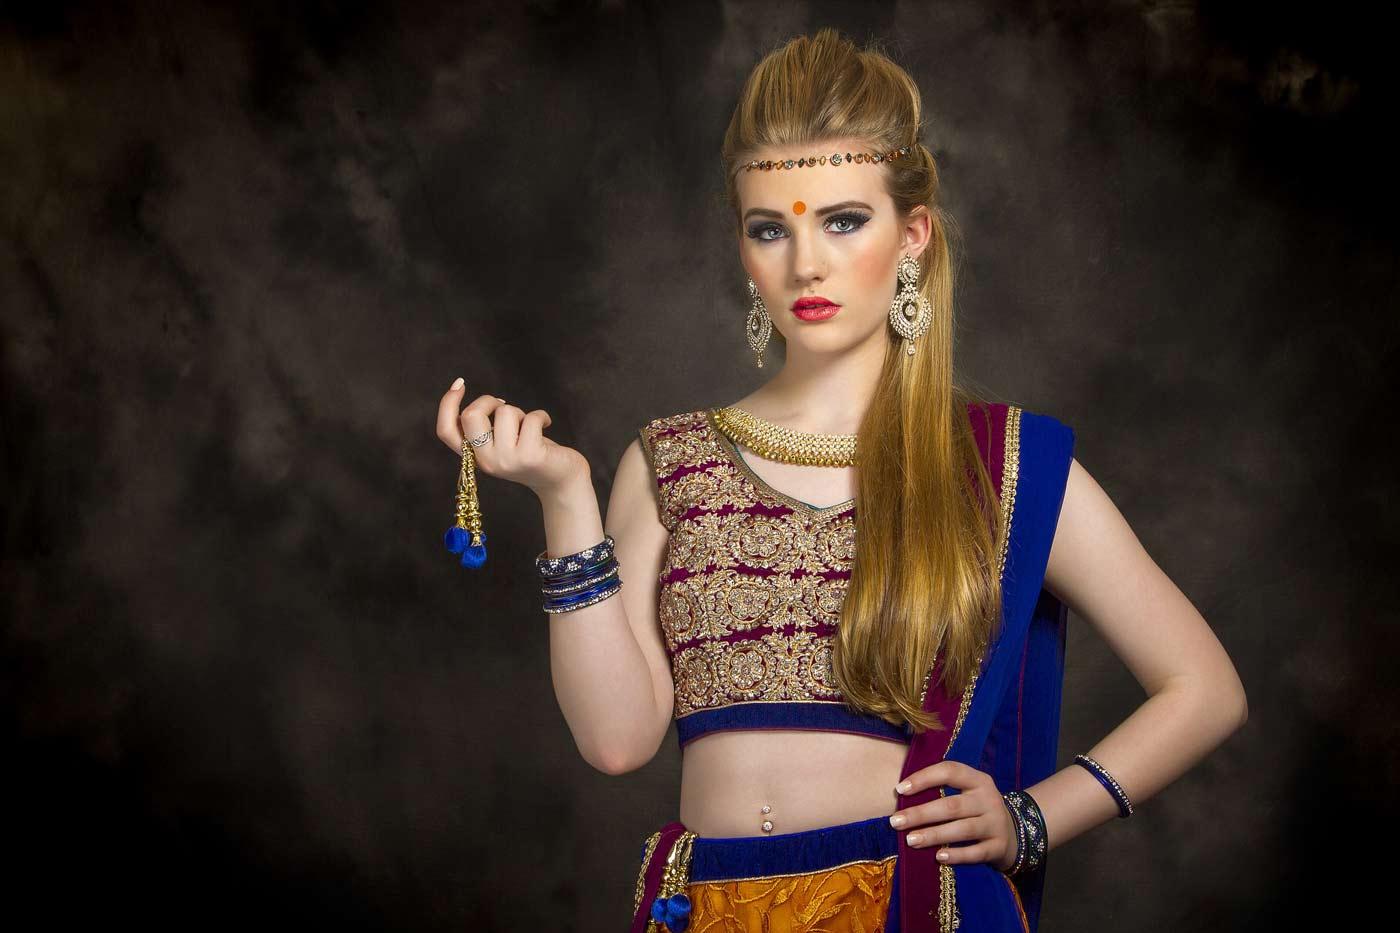 Można zorganizować tematyczny wieczór panieńki, np. w stylu Bollywood